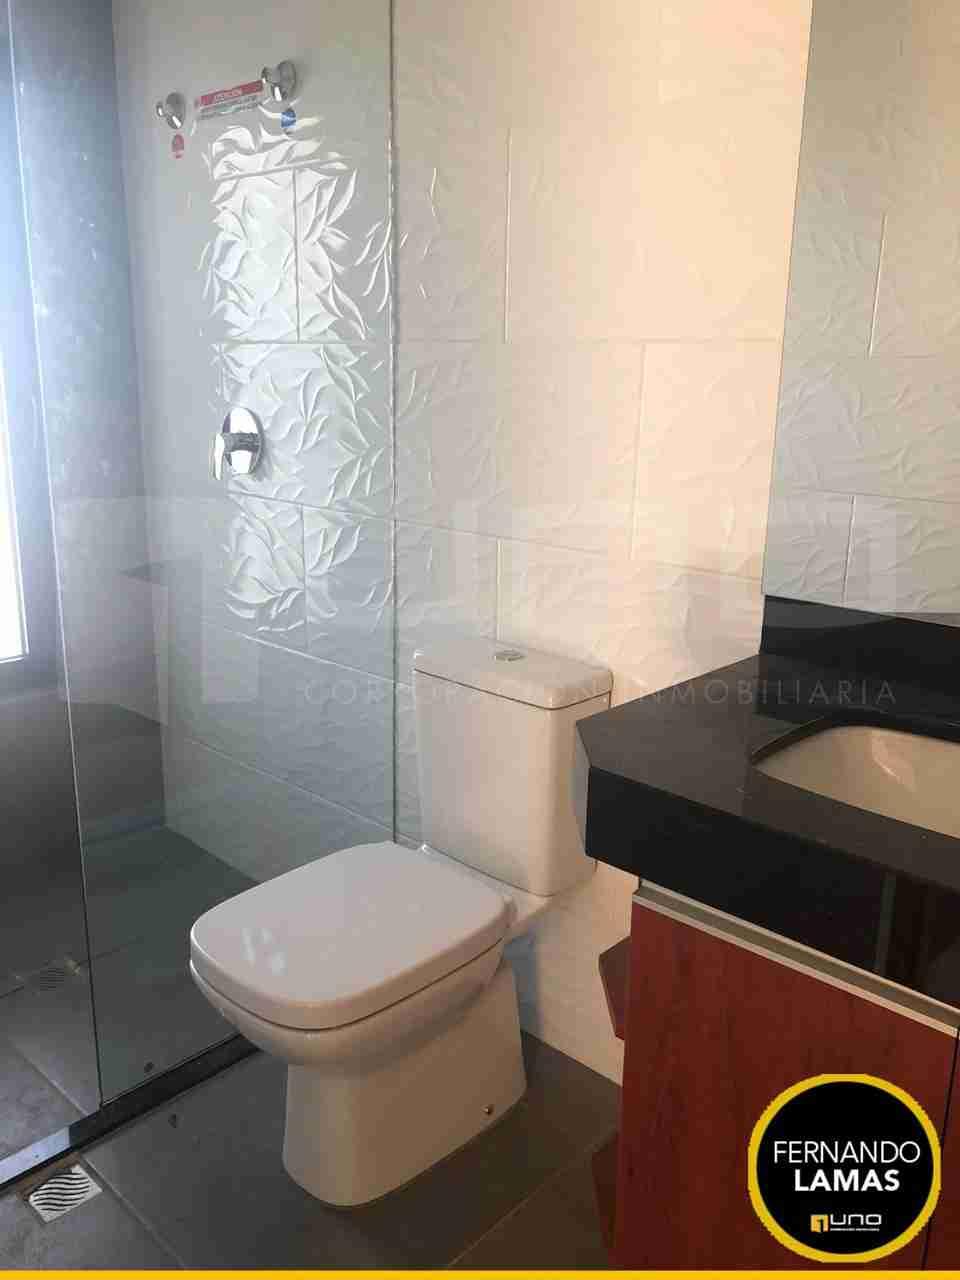 Departamento de 3 Dormitorios en Alquiler, Edificio Macororo 11, Zona Equipetrol, Santa Cruz, Bolivia (8)